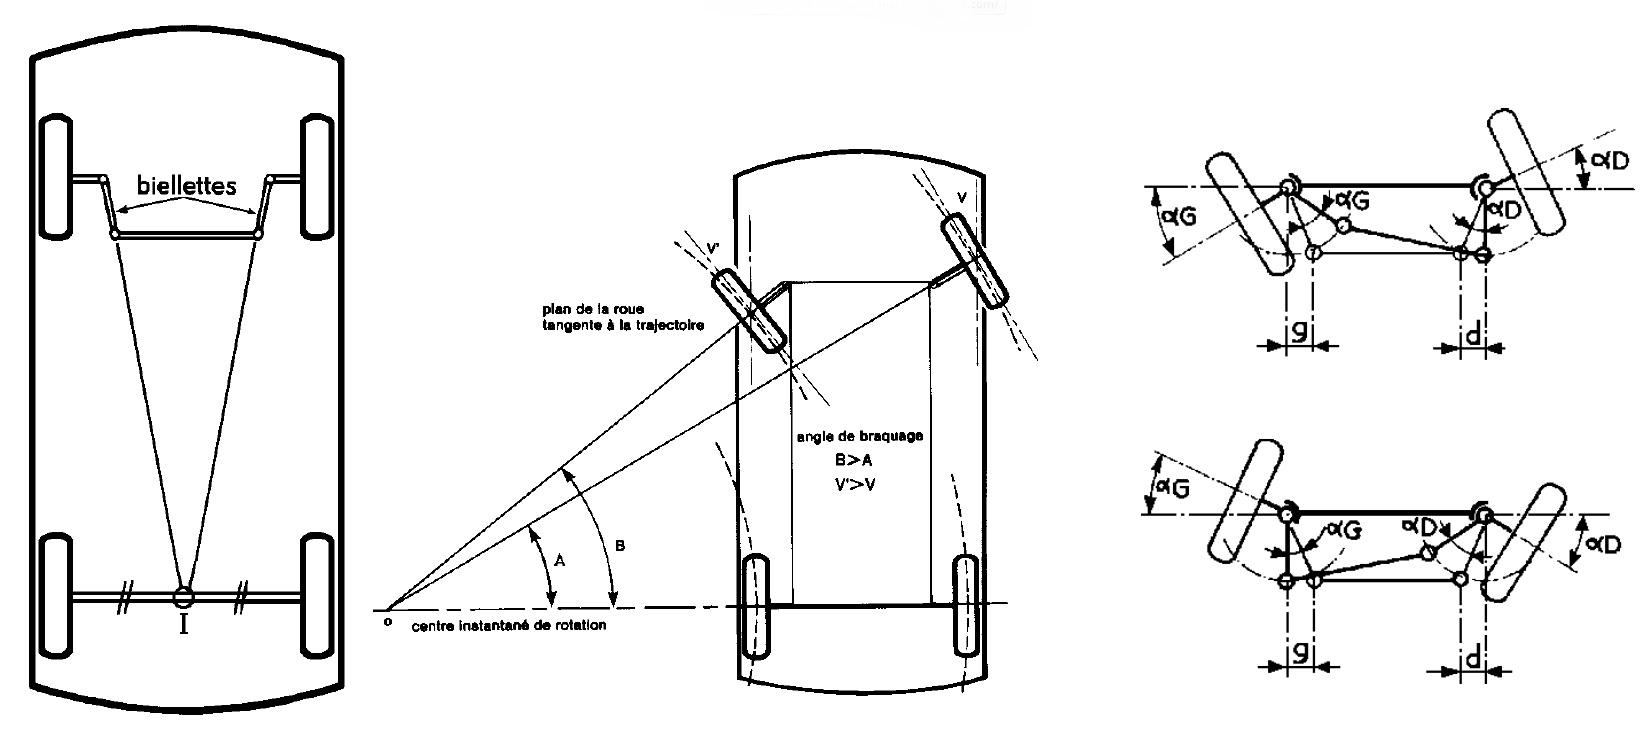 ripage des roues avant en braquant - page 2